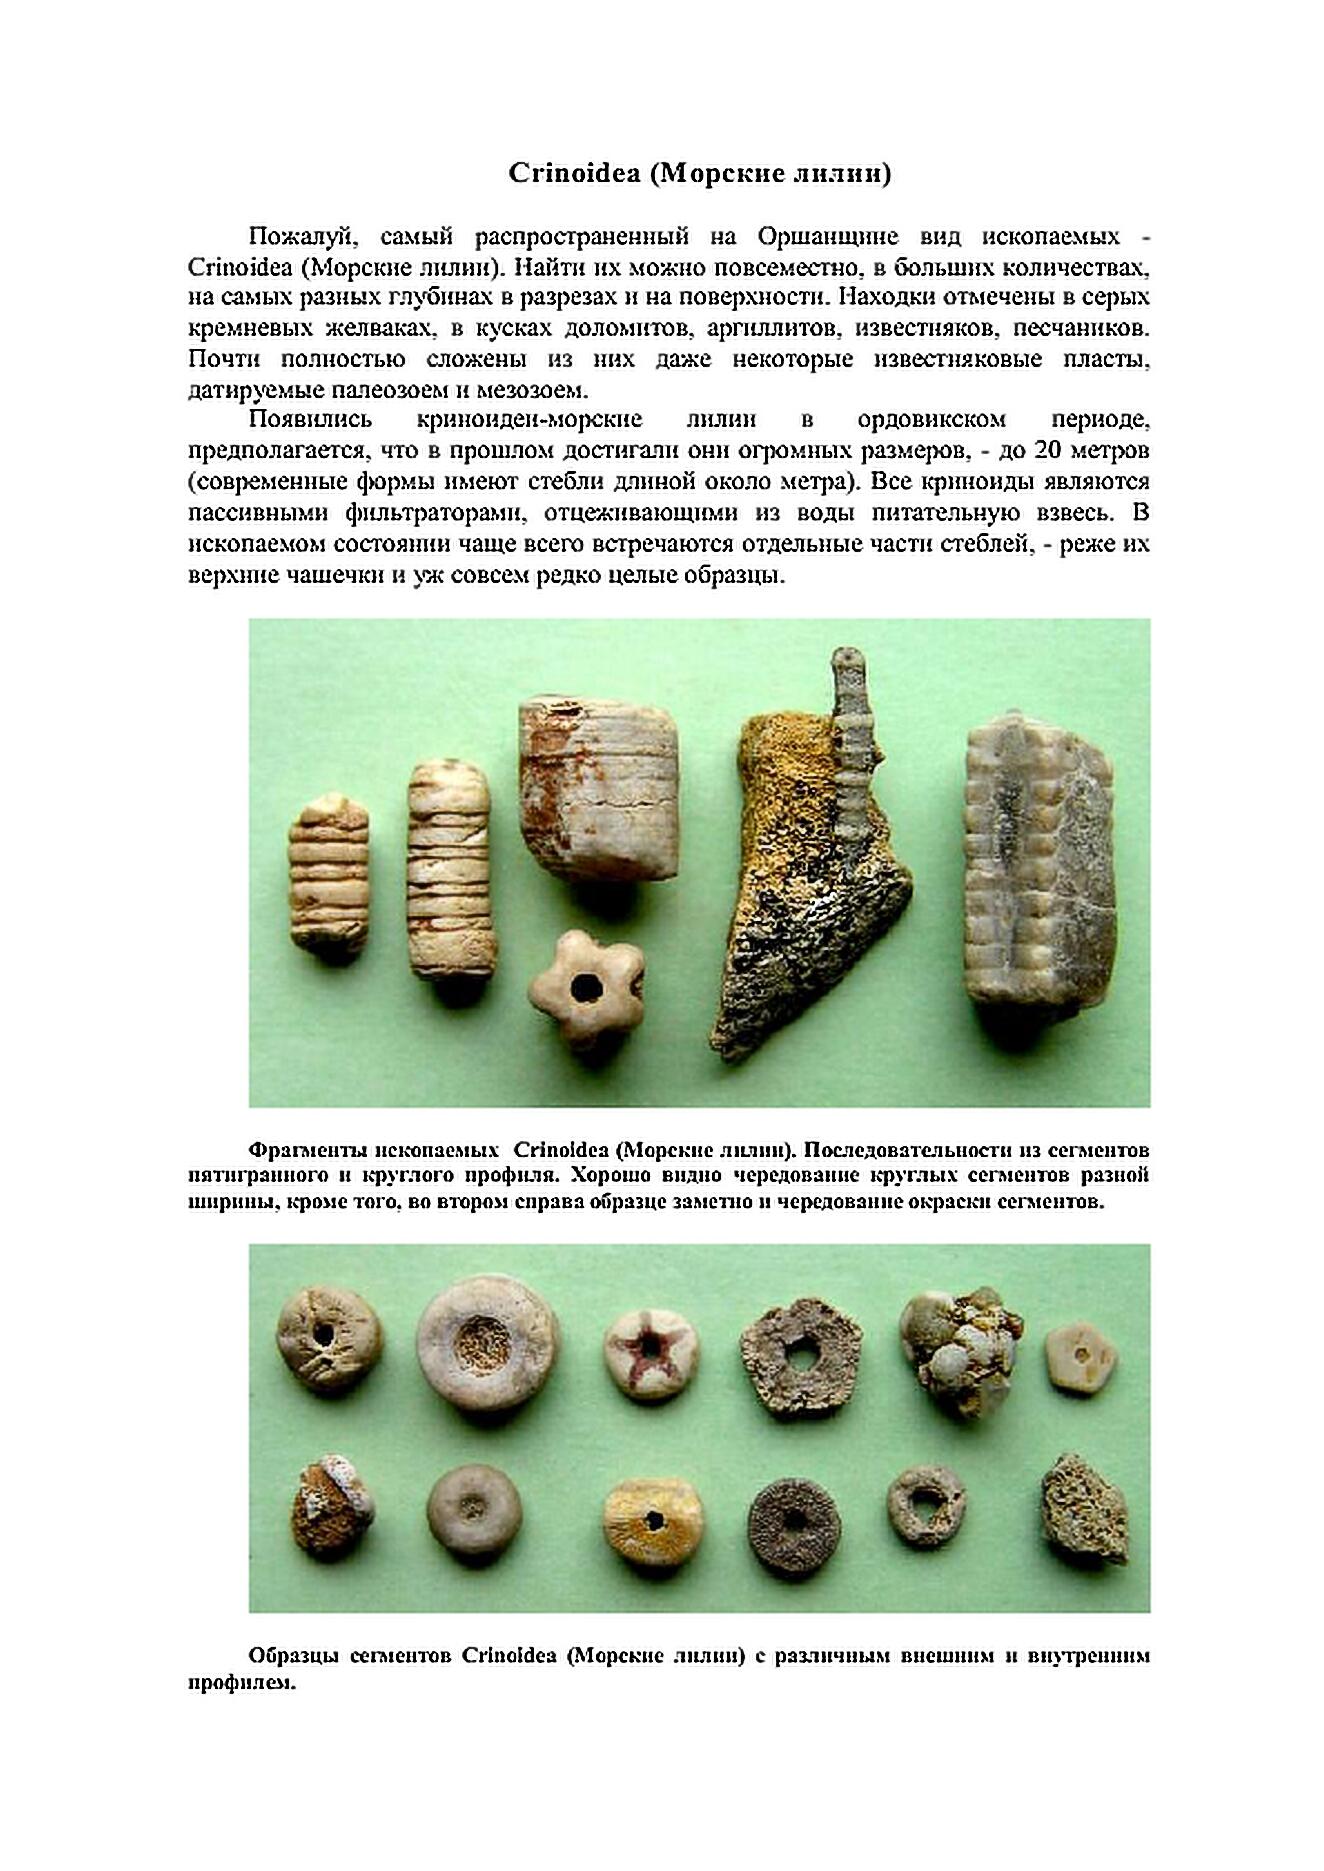 http://s5.uploads.ru/7lAFK.jpg